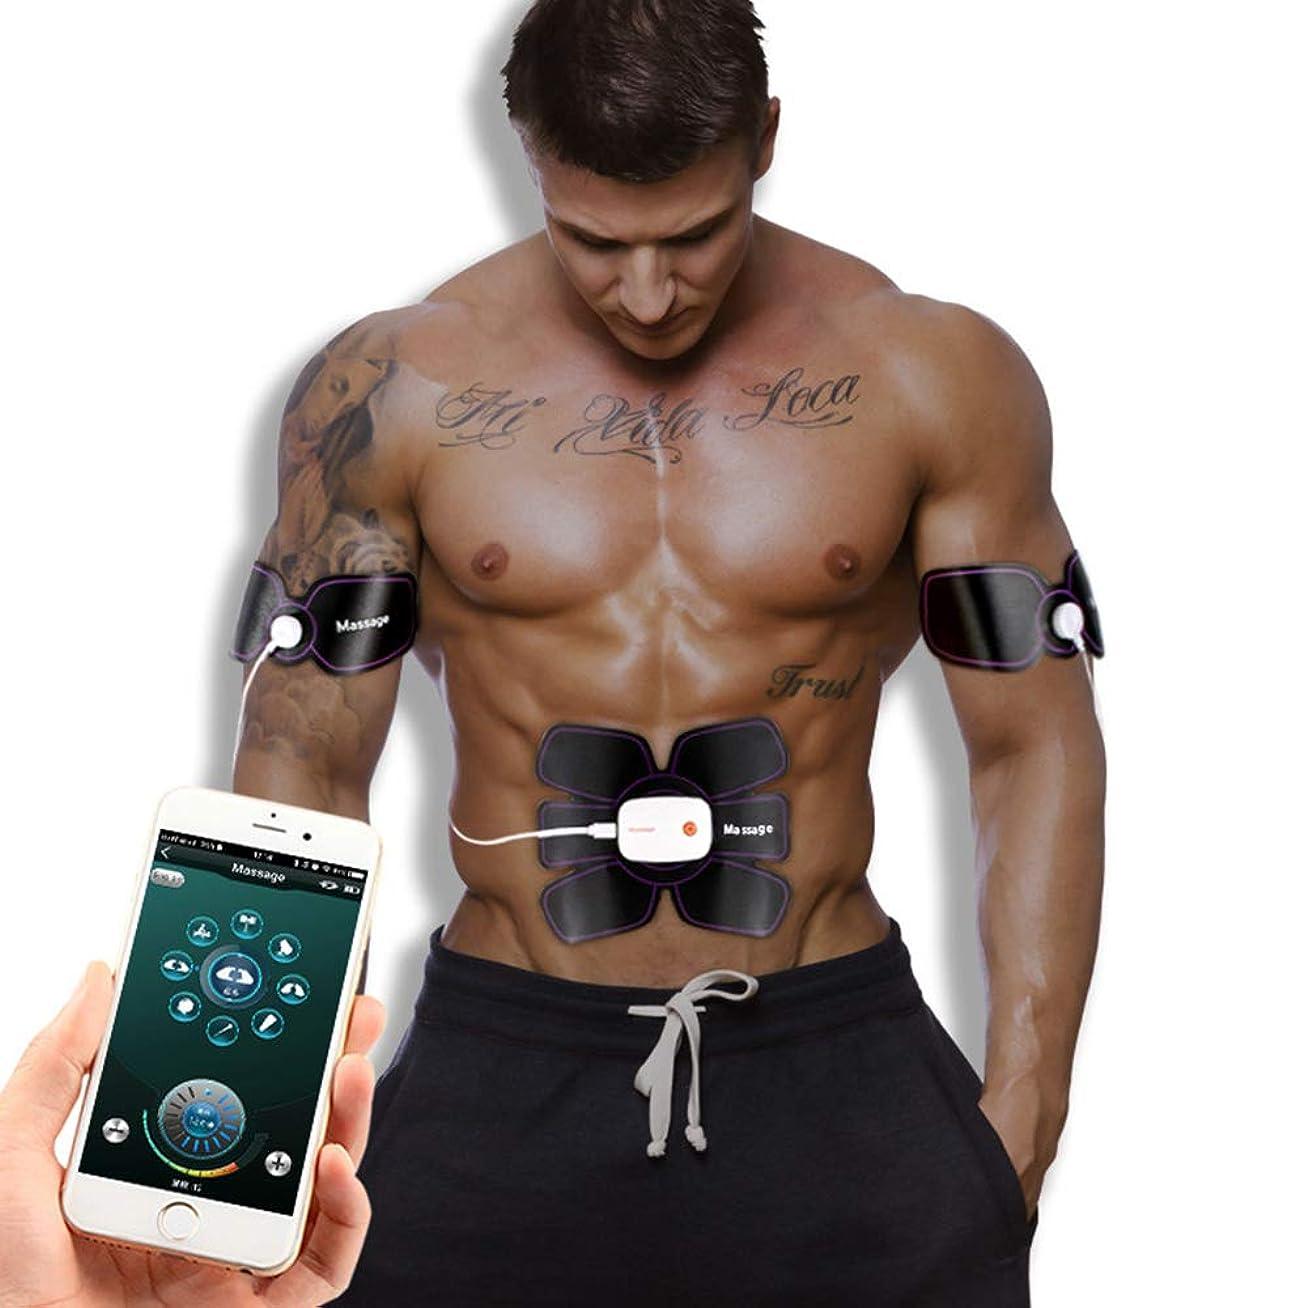 引用ブレス毛布スマートフォンブルートゥースAPP腹部ステッカーEMS筋肉刺激装置USB電気体重減少運動フィットネスマッサージャーユニセックスに適用IOSとAndroidシステム